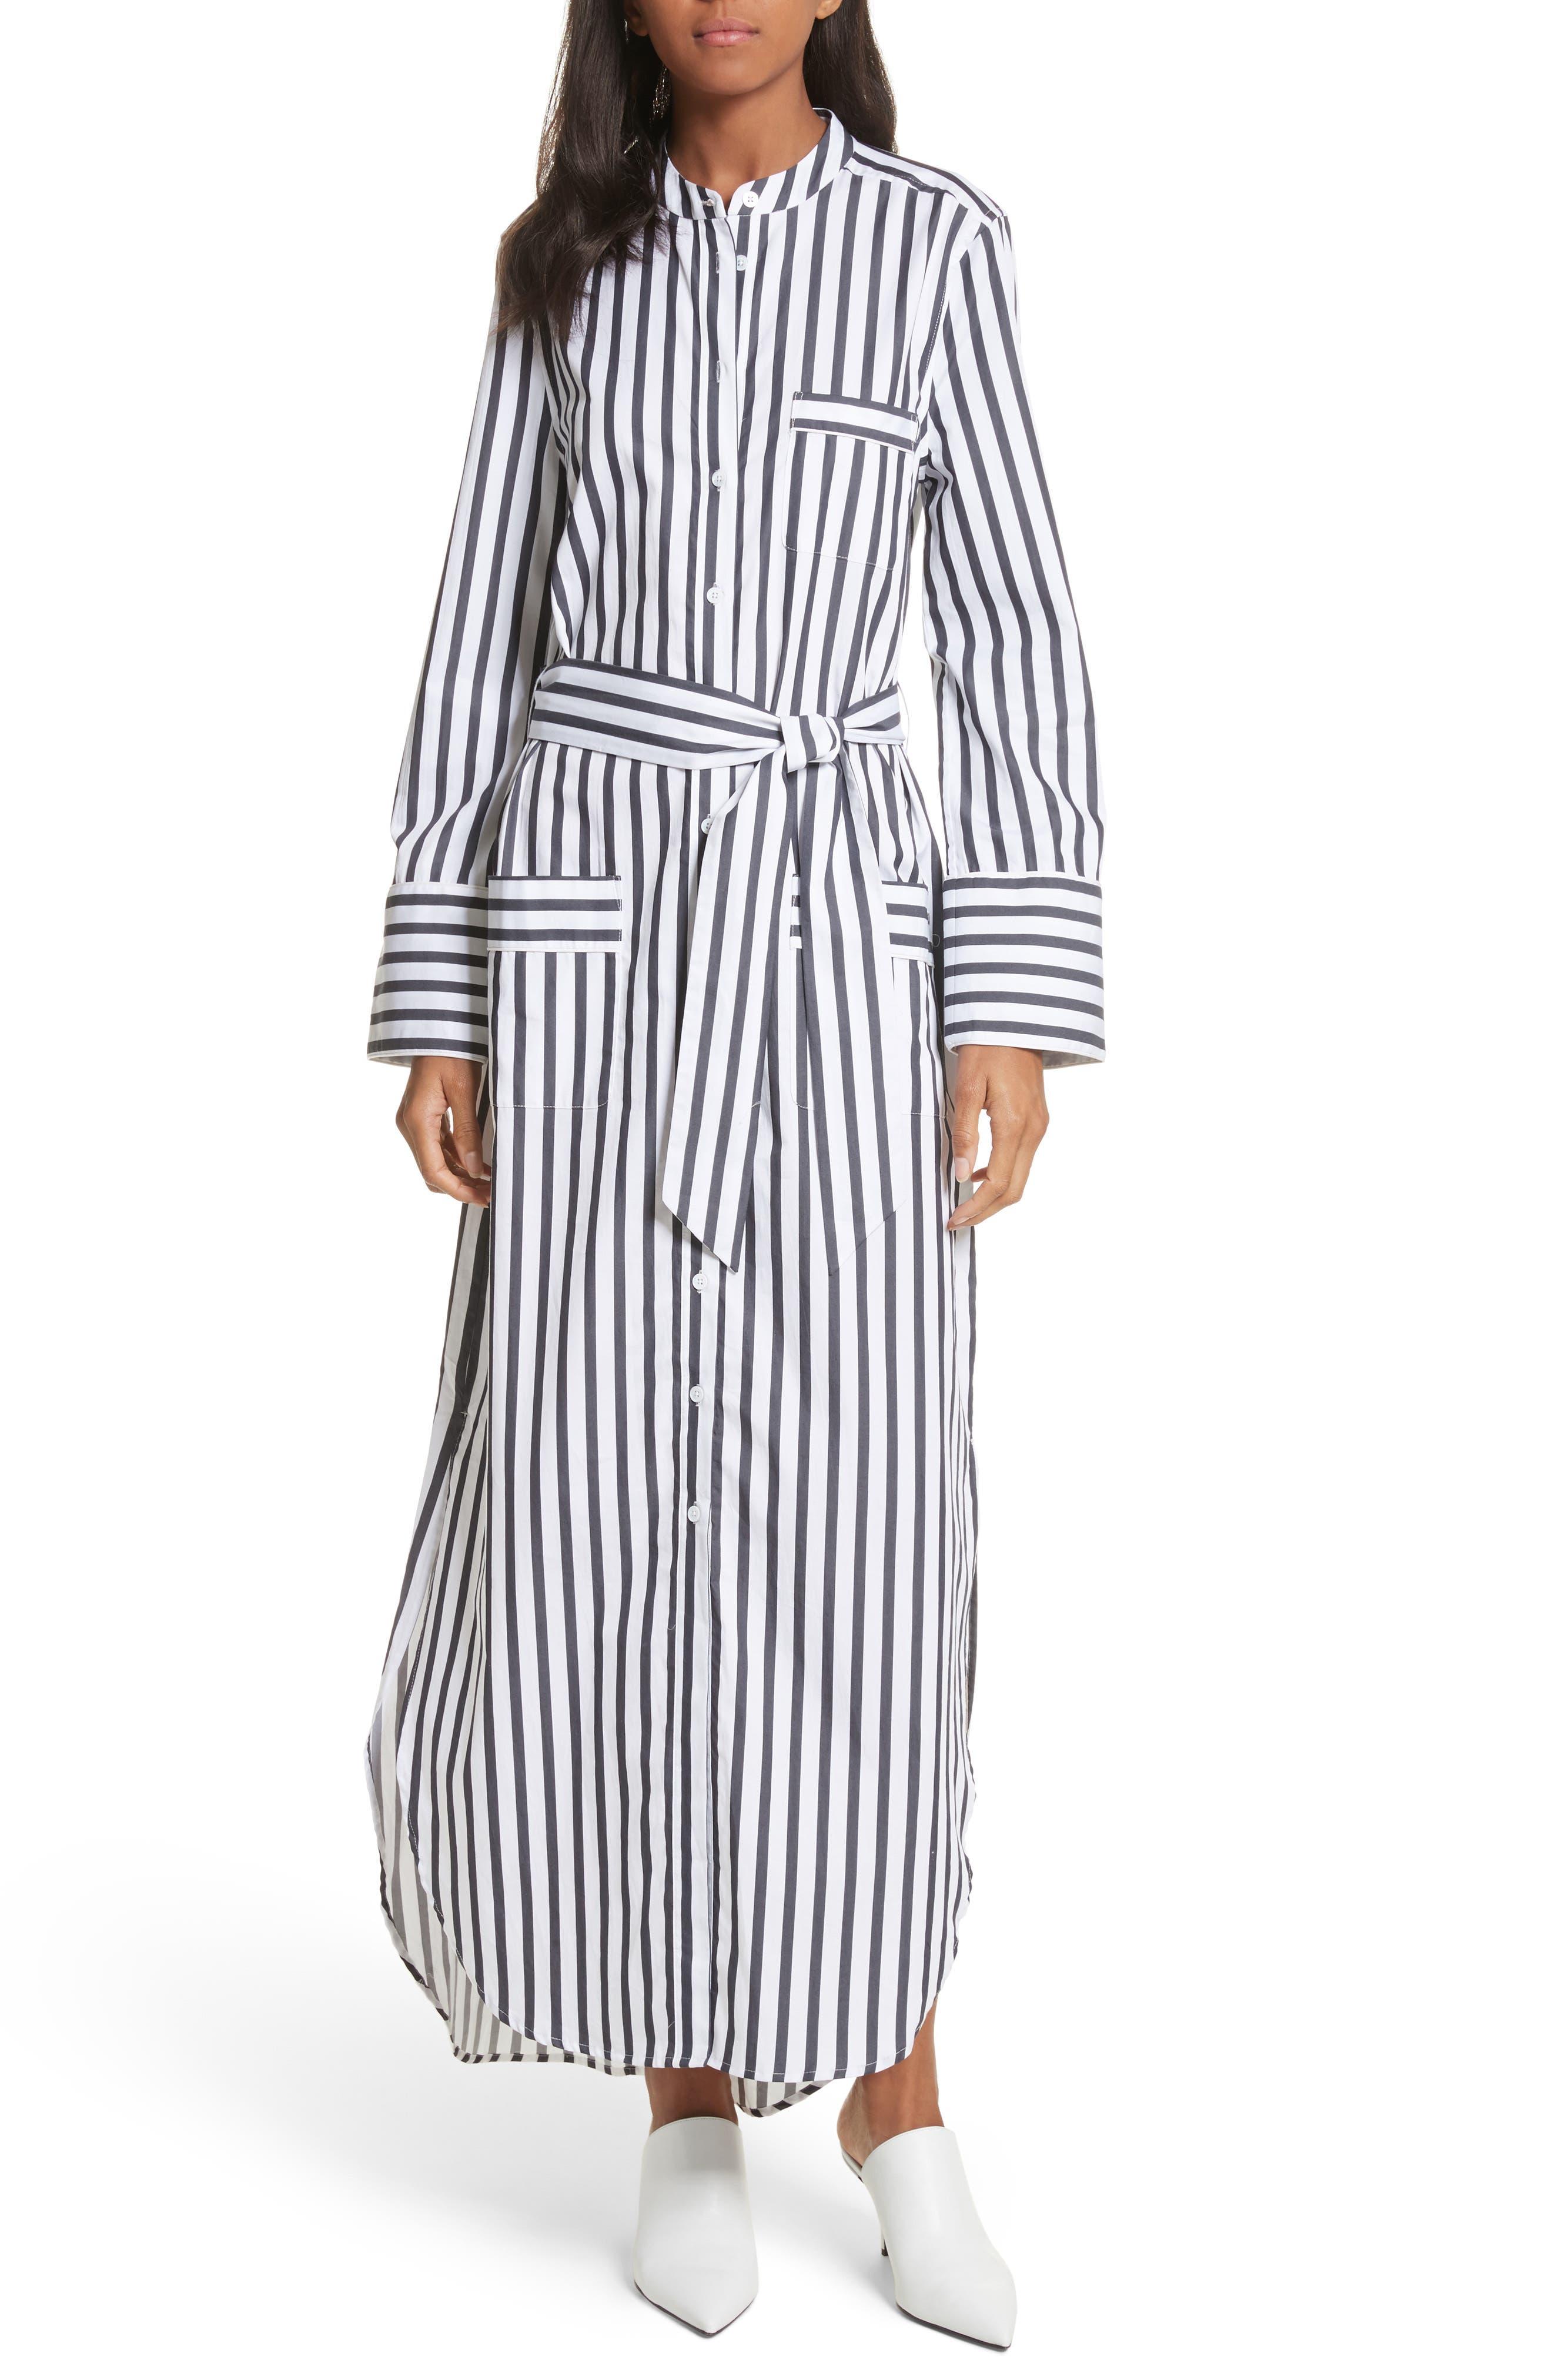 Britten Stripe Cotton Maxi Dress,                         Main,                         color, Bright White/ Eclipse